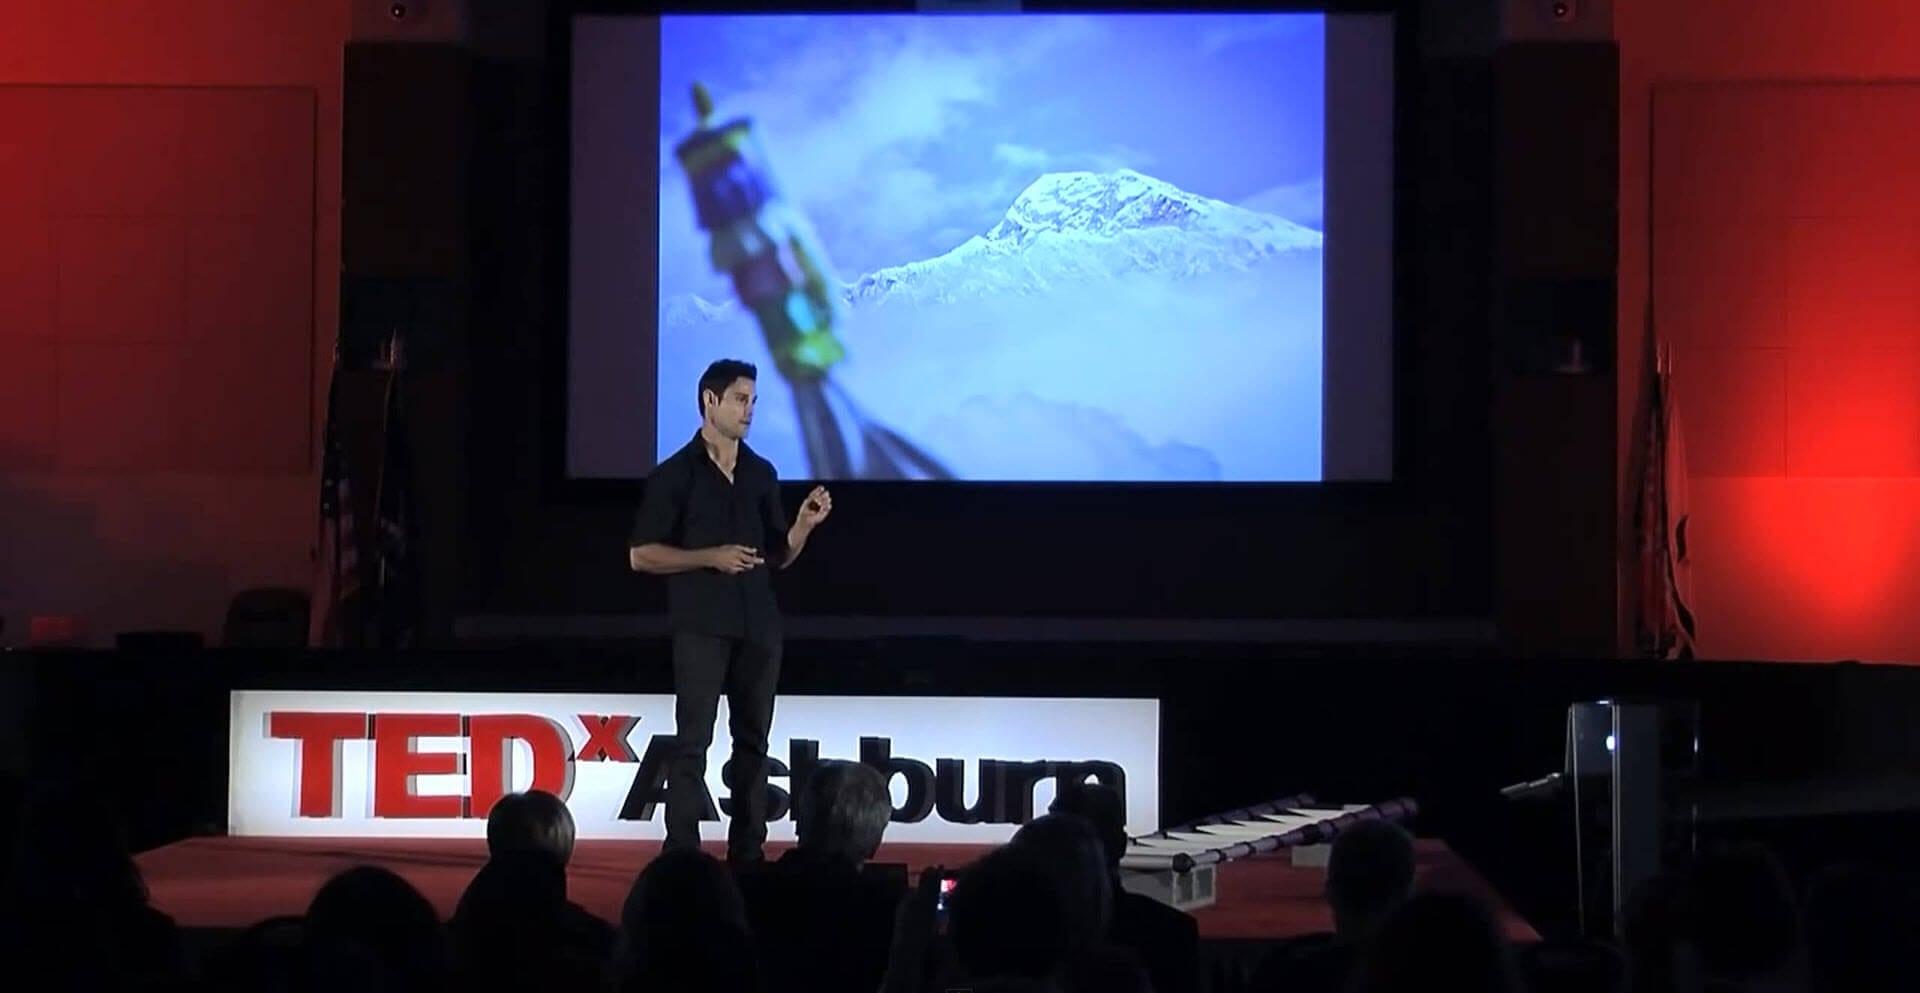 Elia Saikaly at TEDx in Ashburn